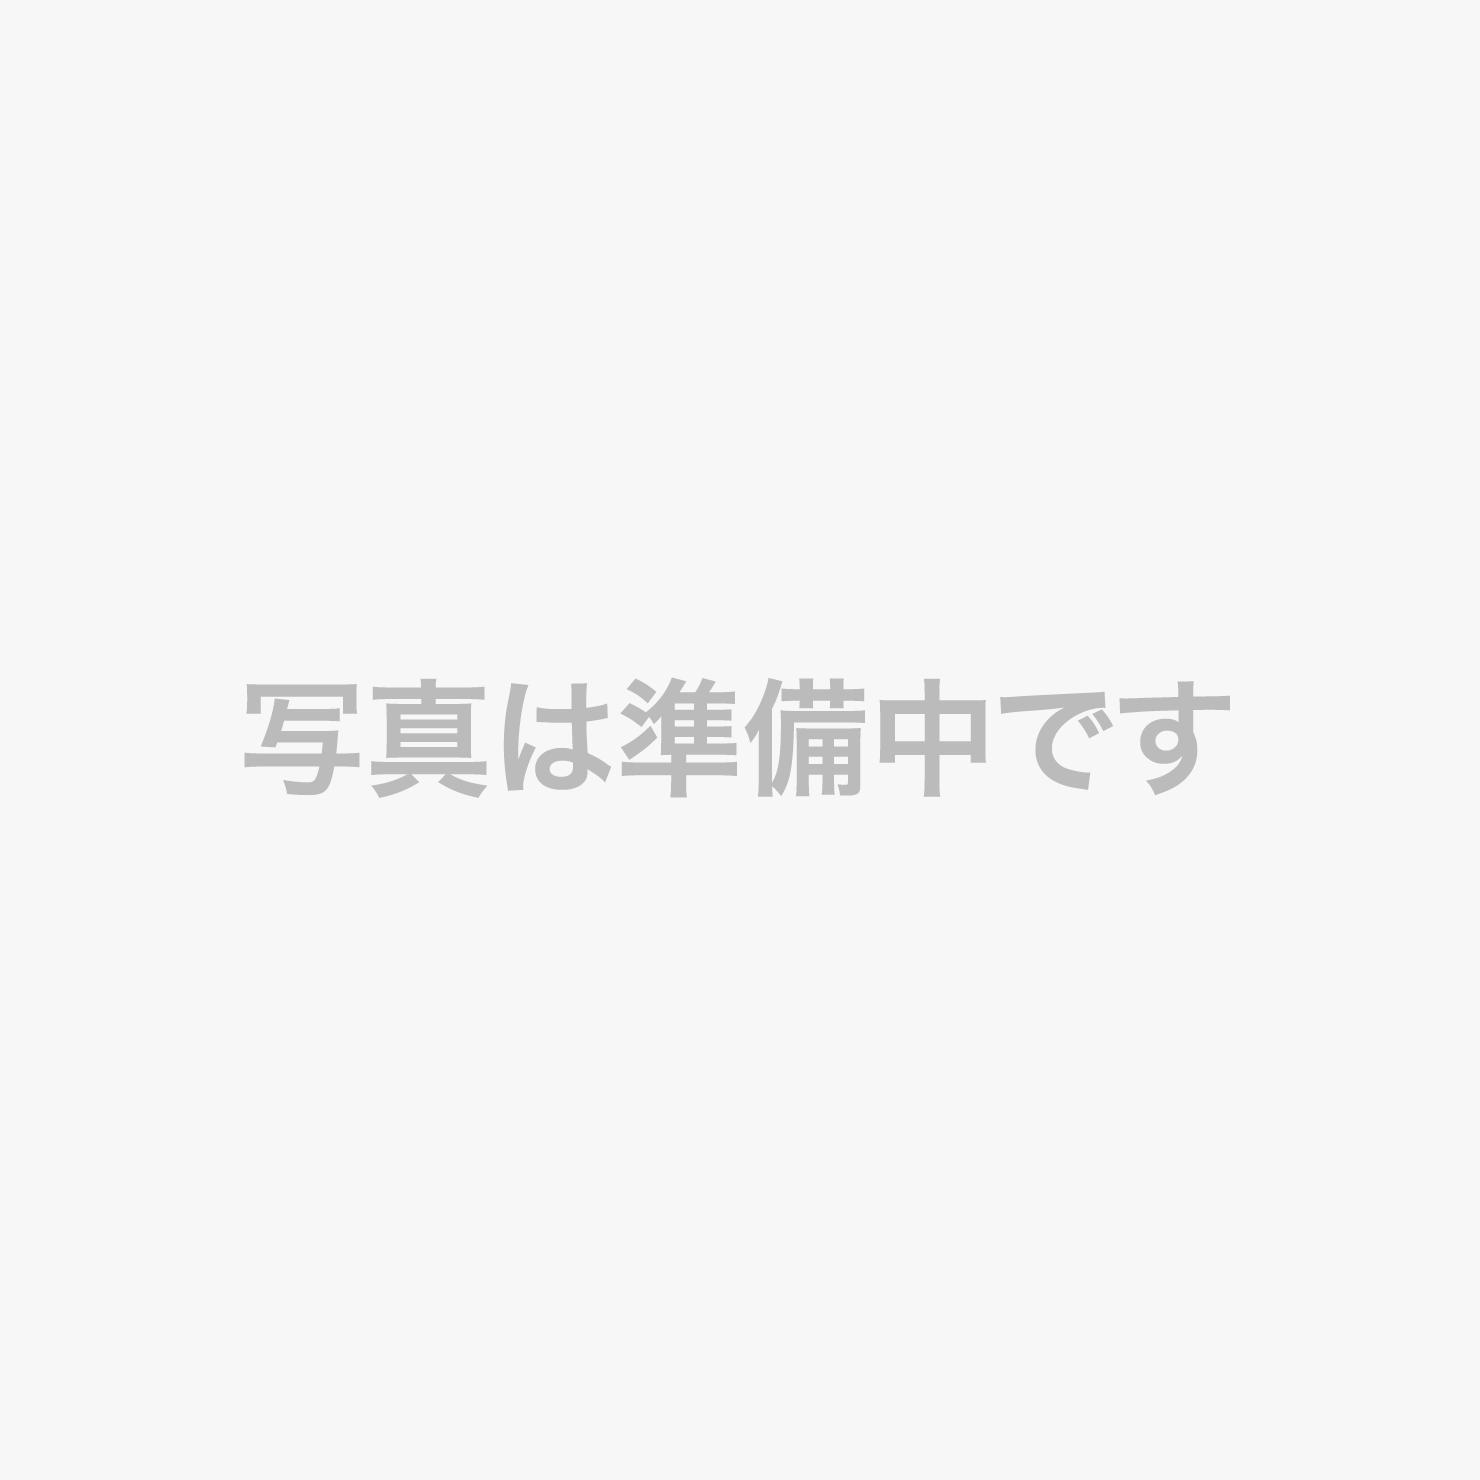 ■朝の彩り御膳3 (イメージ)■